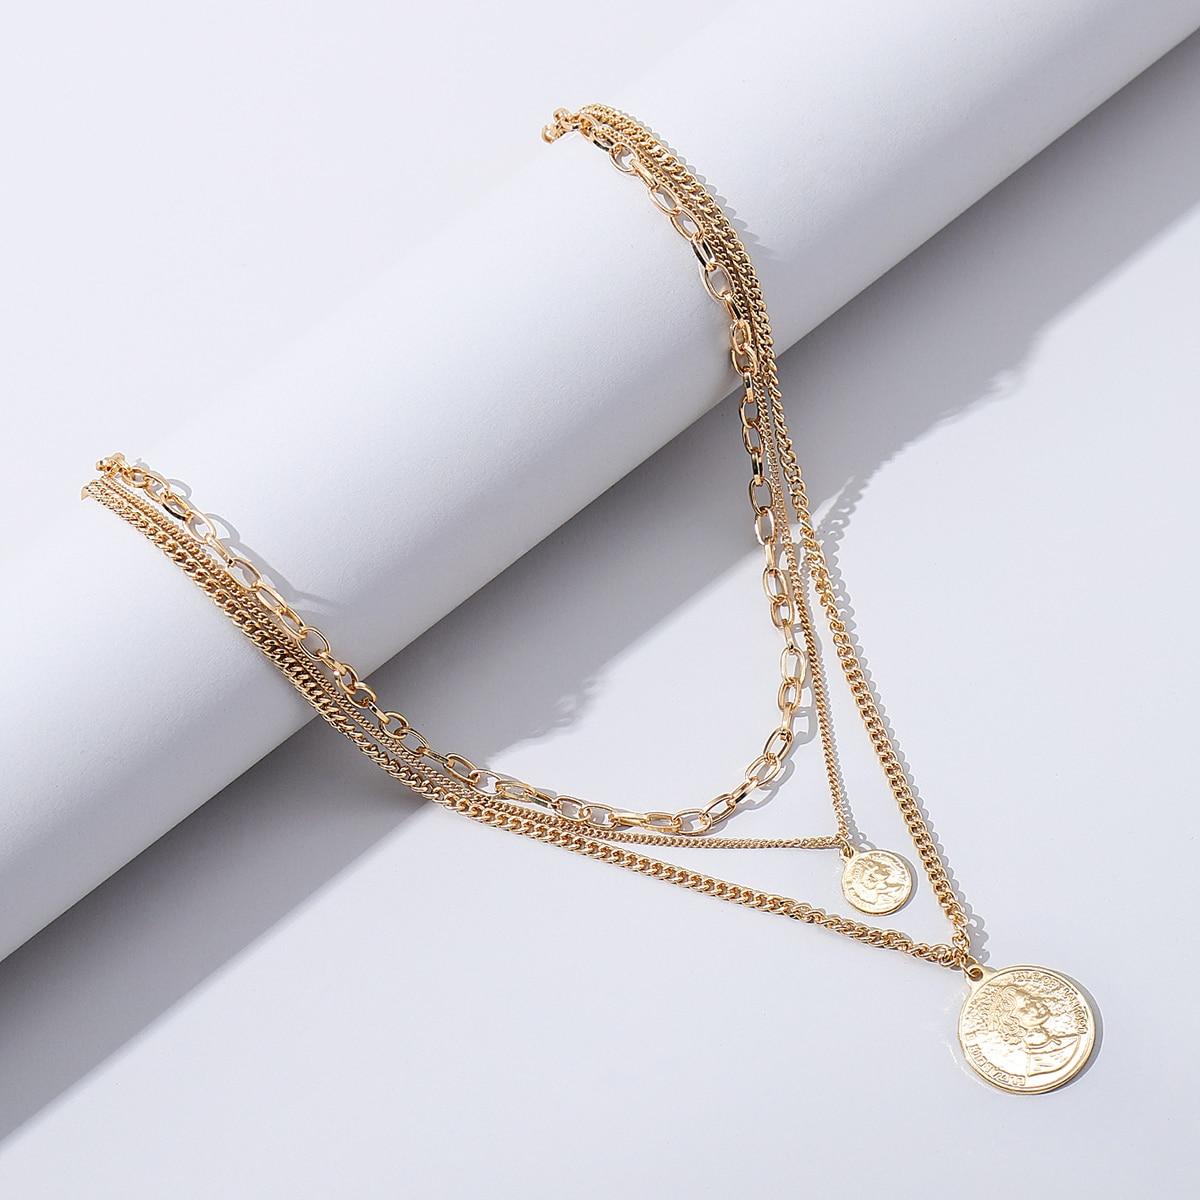 Мужское многослойное ожерелье с декором британской монеты от SHEIN